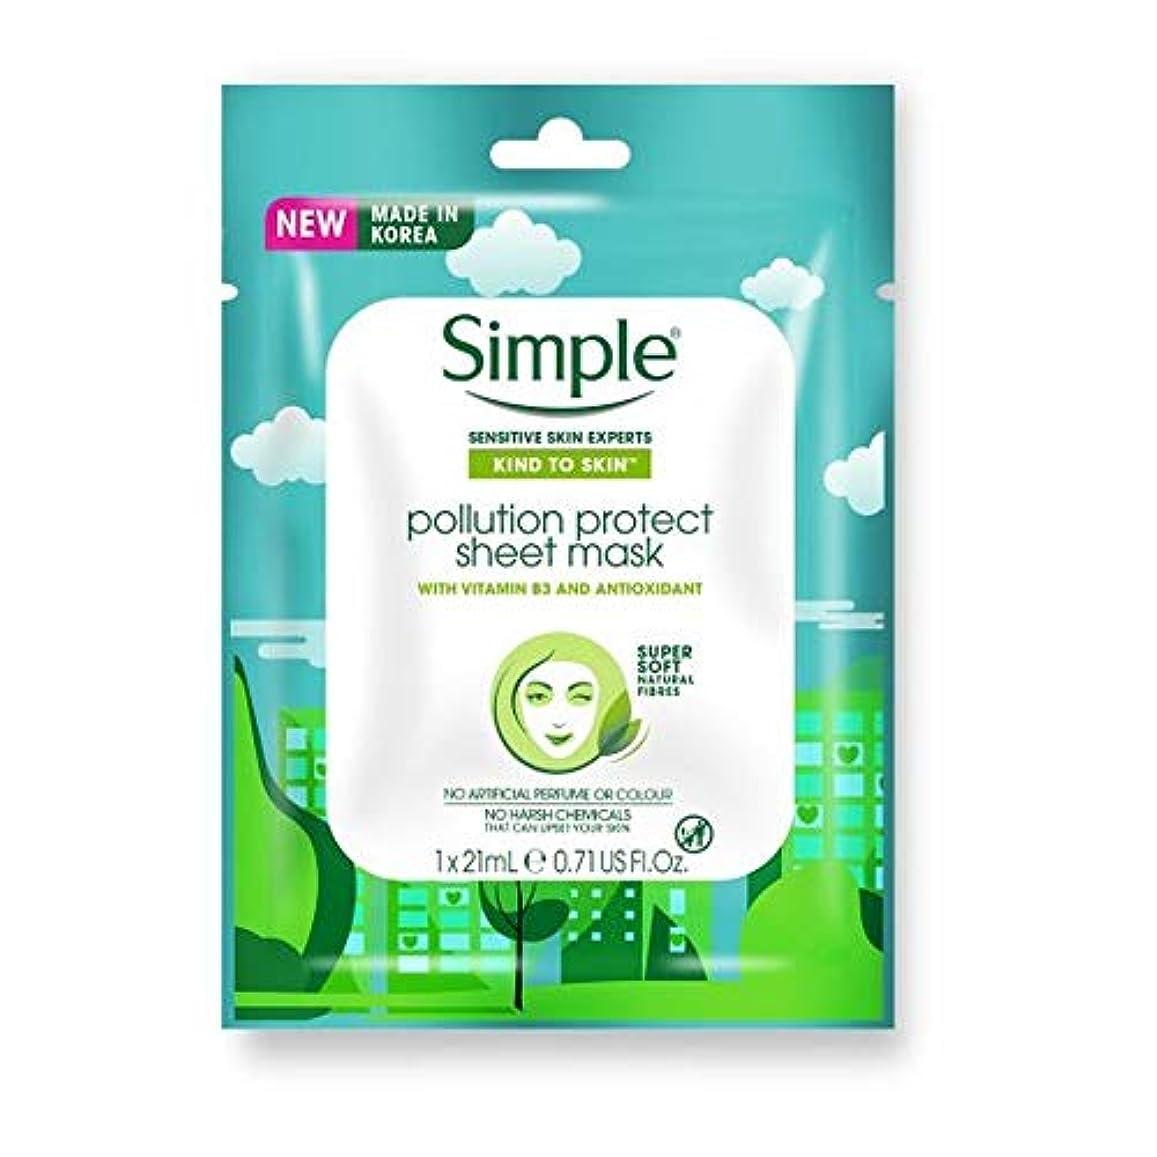 ネイティブ却下する適合しました[Simple] 皮膚汚染への単純な種類のシートマスク21ミリリットルを保護 - Simple Kind To Skin Pollution Protect Sheet Mask 21Ml [並行輸入品]